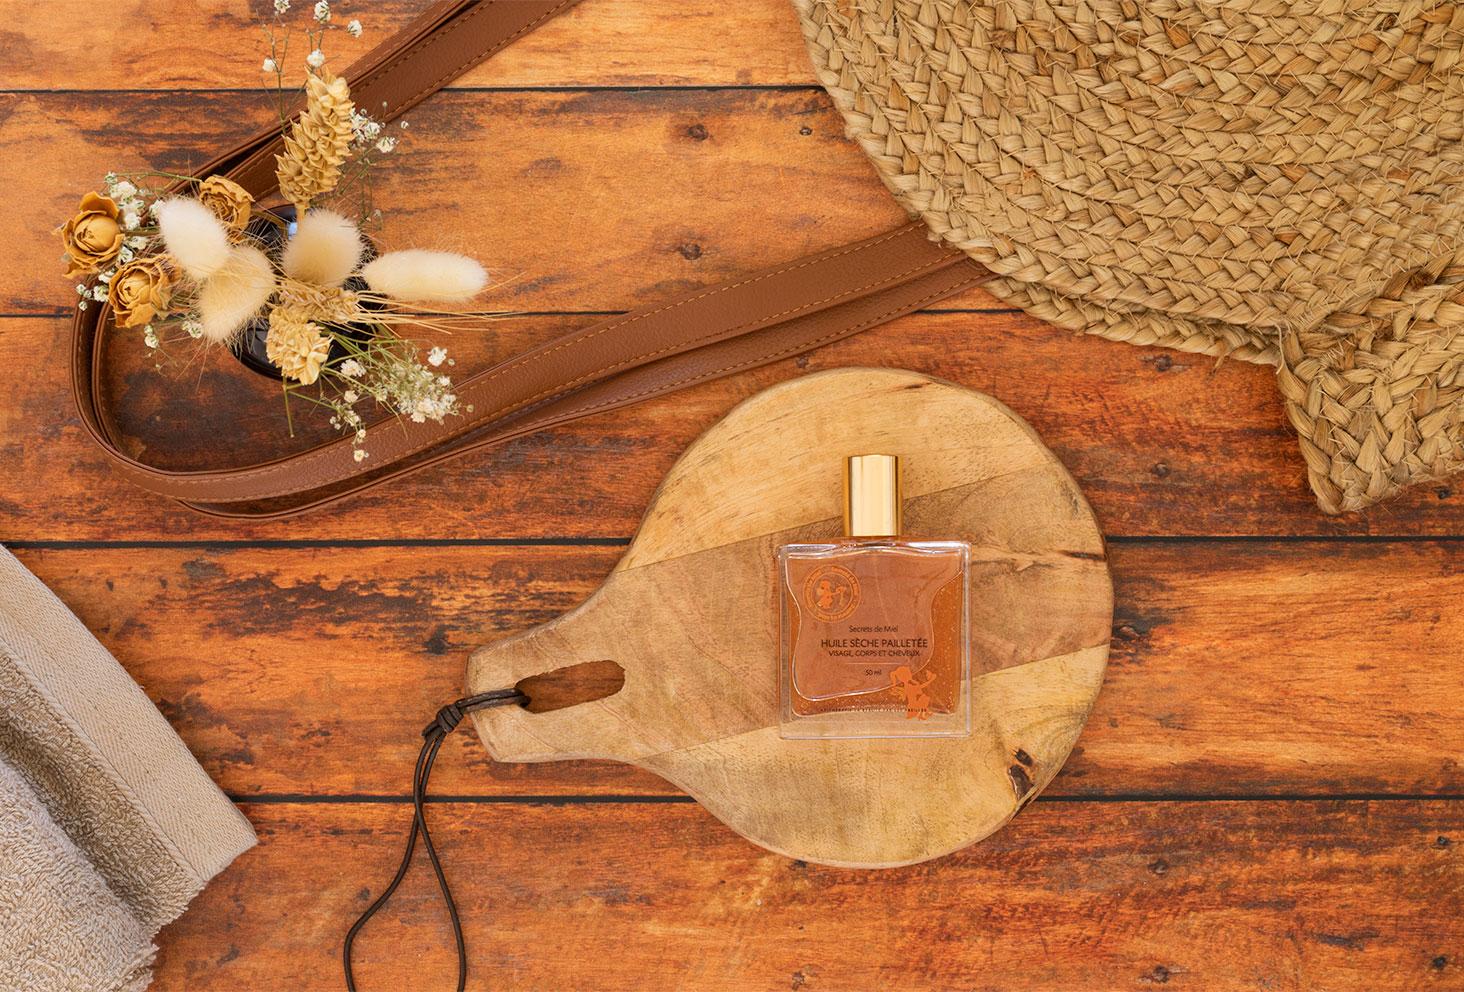 L'huile sèche pailletée de Secrets de Miel sur une planche en bois à côté d'un sac de plage en paille